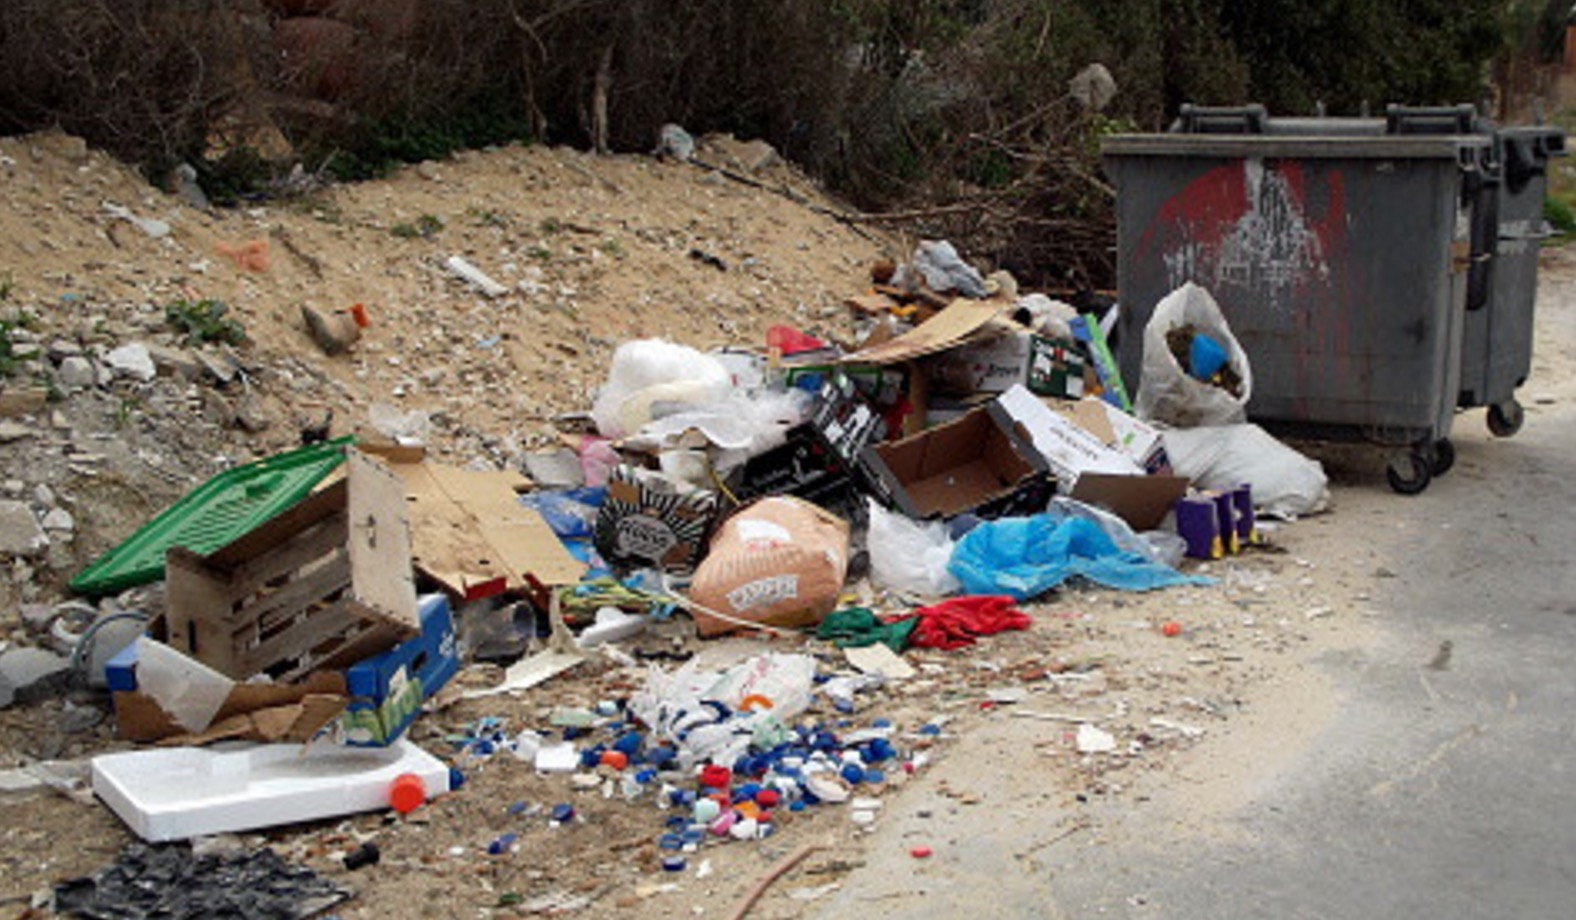 森へのゴミの不法投棄に激怒した市長。その「荒療治」に廃棄業者もびっくり!!